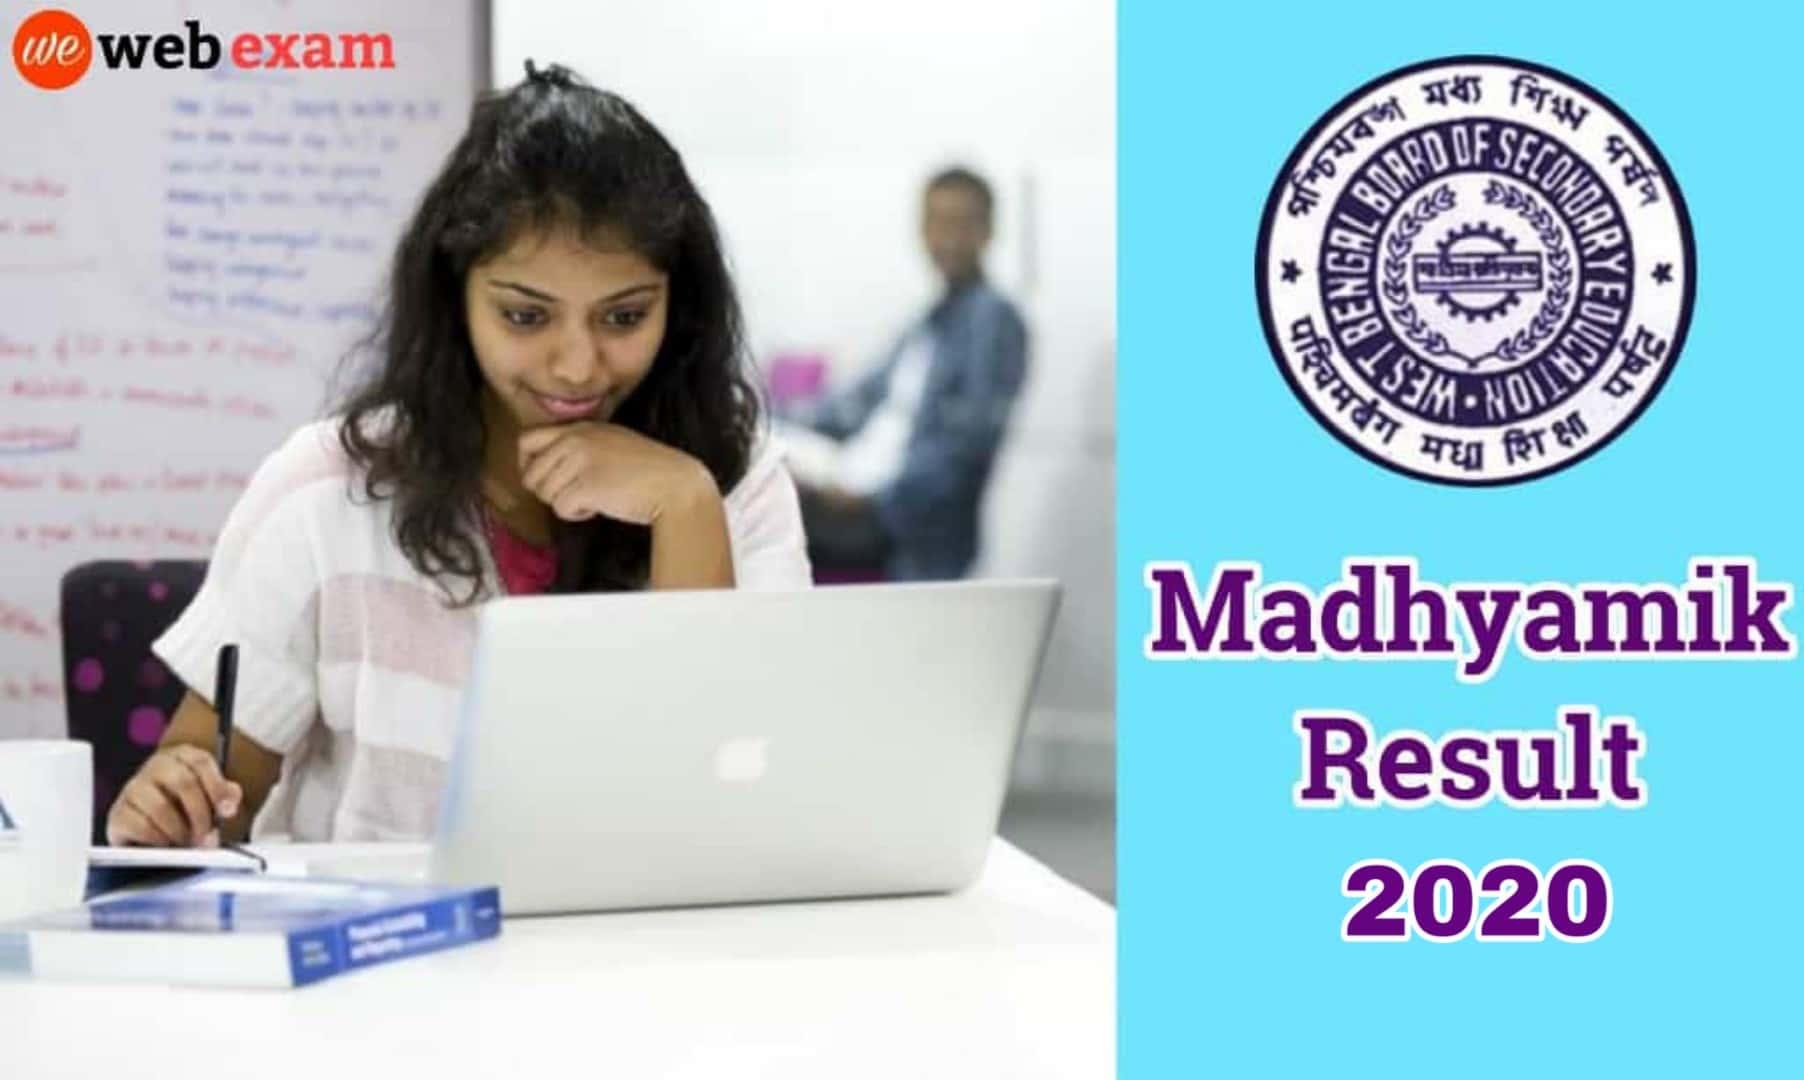 Madhyamik Result 2020